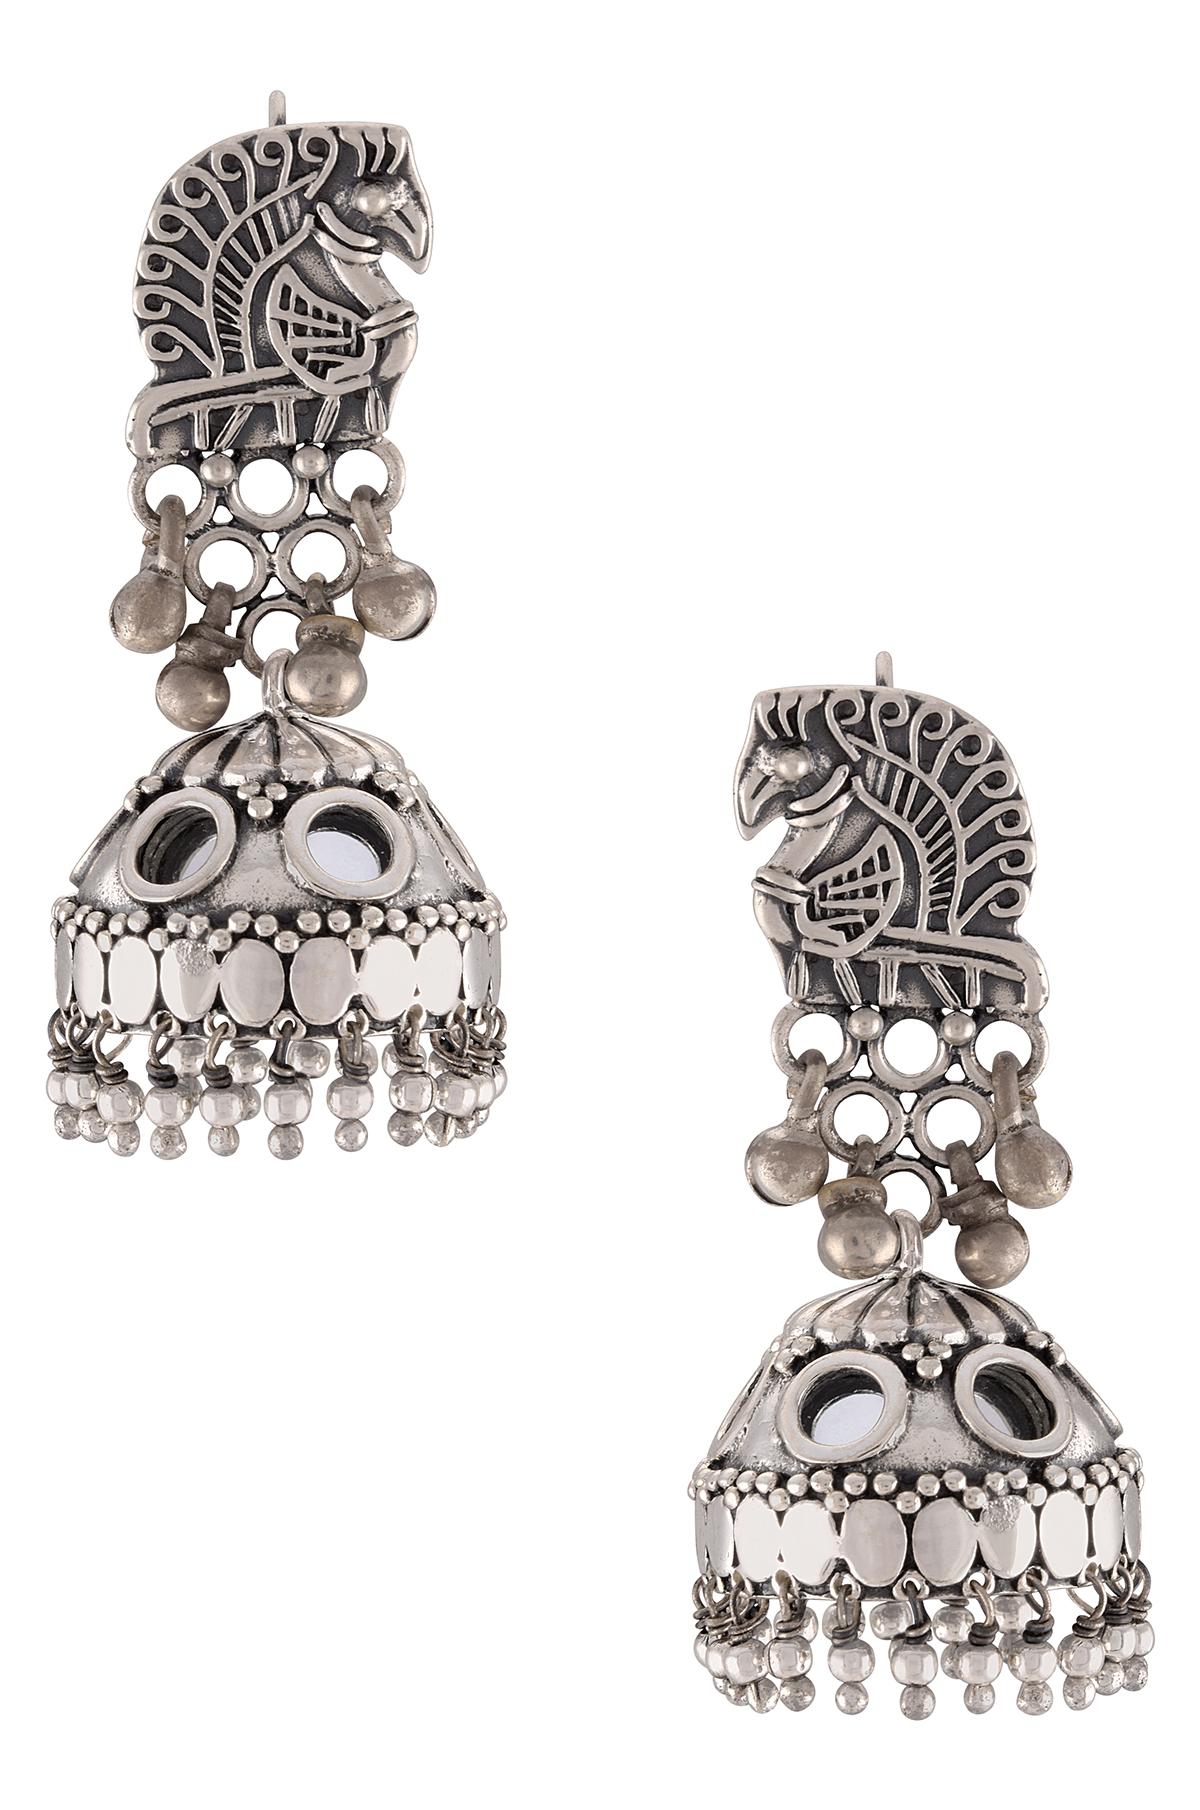 Silver Oxidised Peacock Motif Mirror Jhumki Earrings